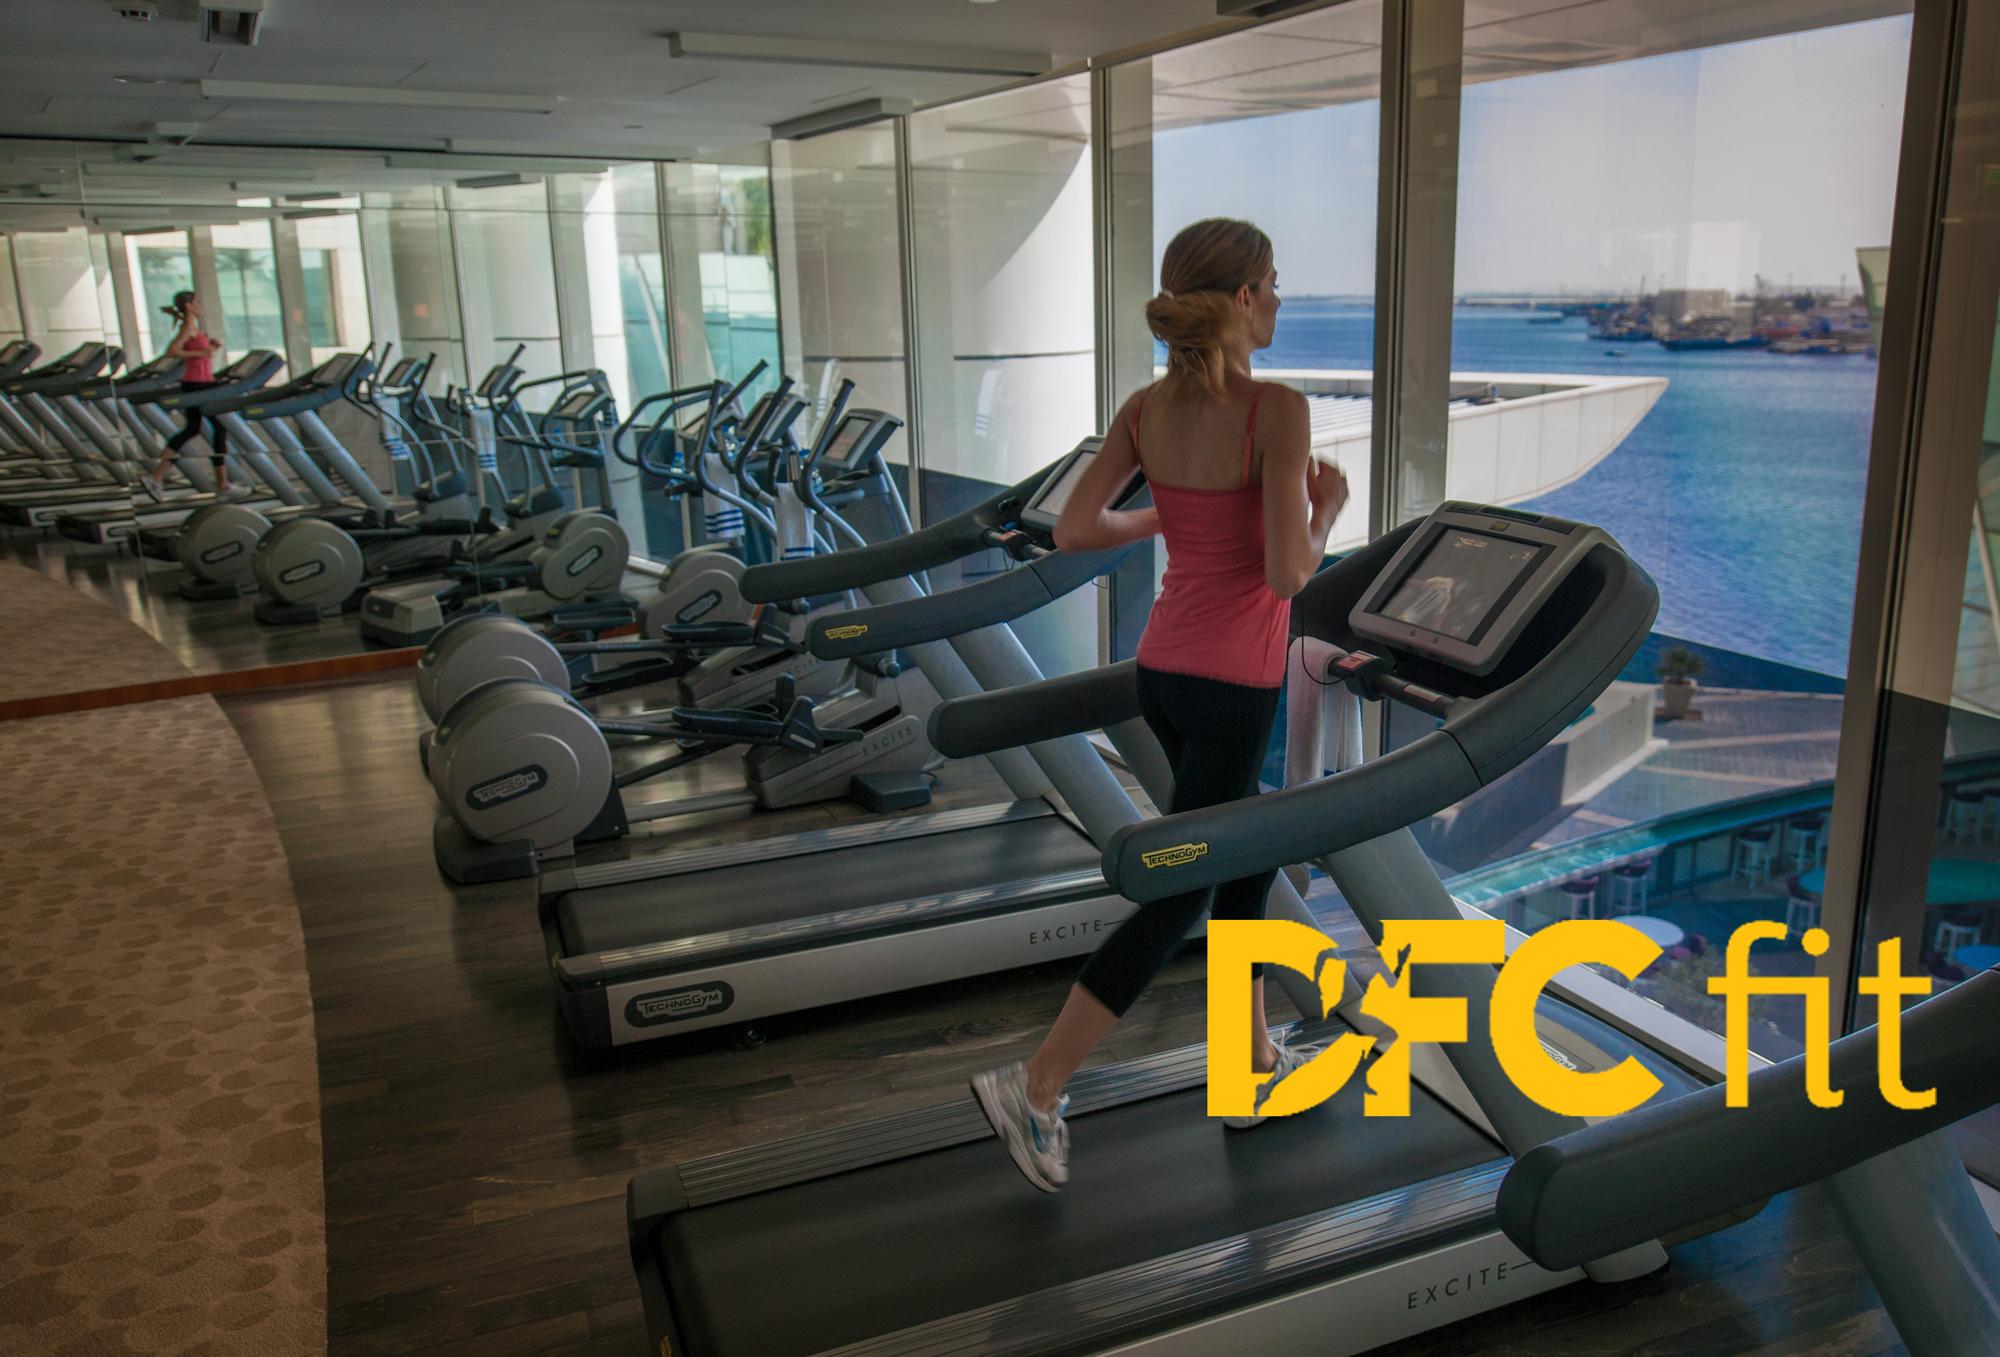 DFC Fit at Dubai Festival City